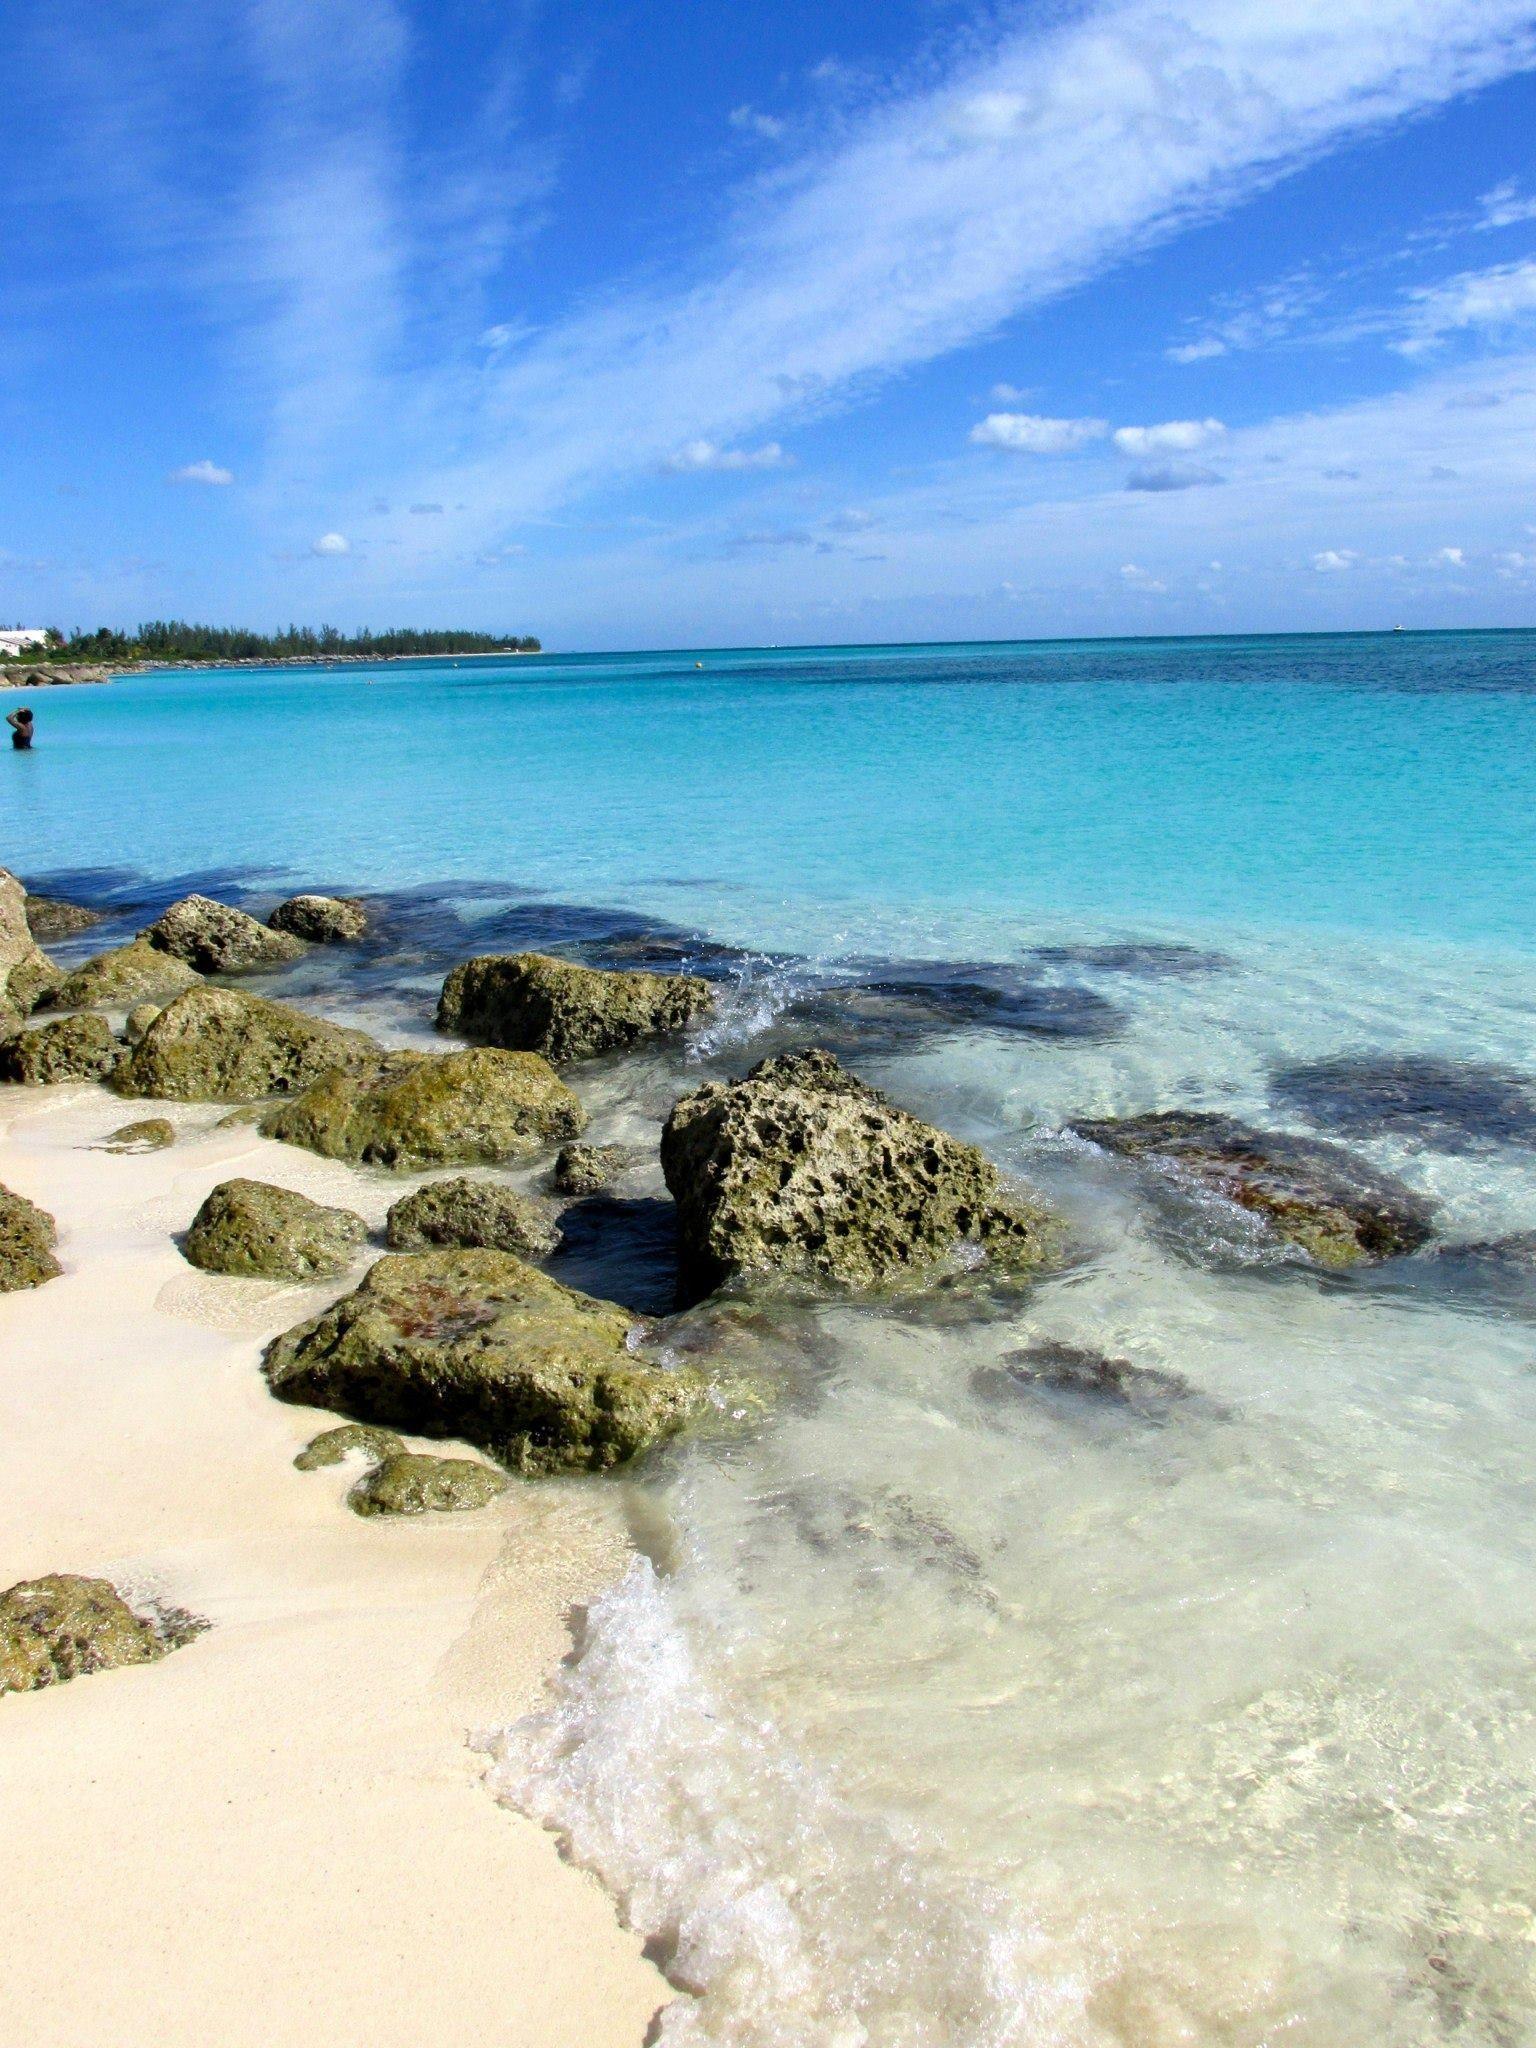 Freeport, Bahamas ) Bahamas honeymoon, Bahamas vacation